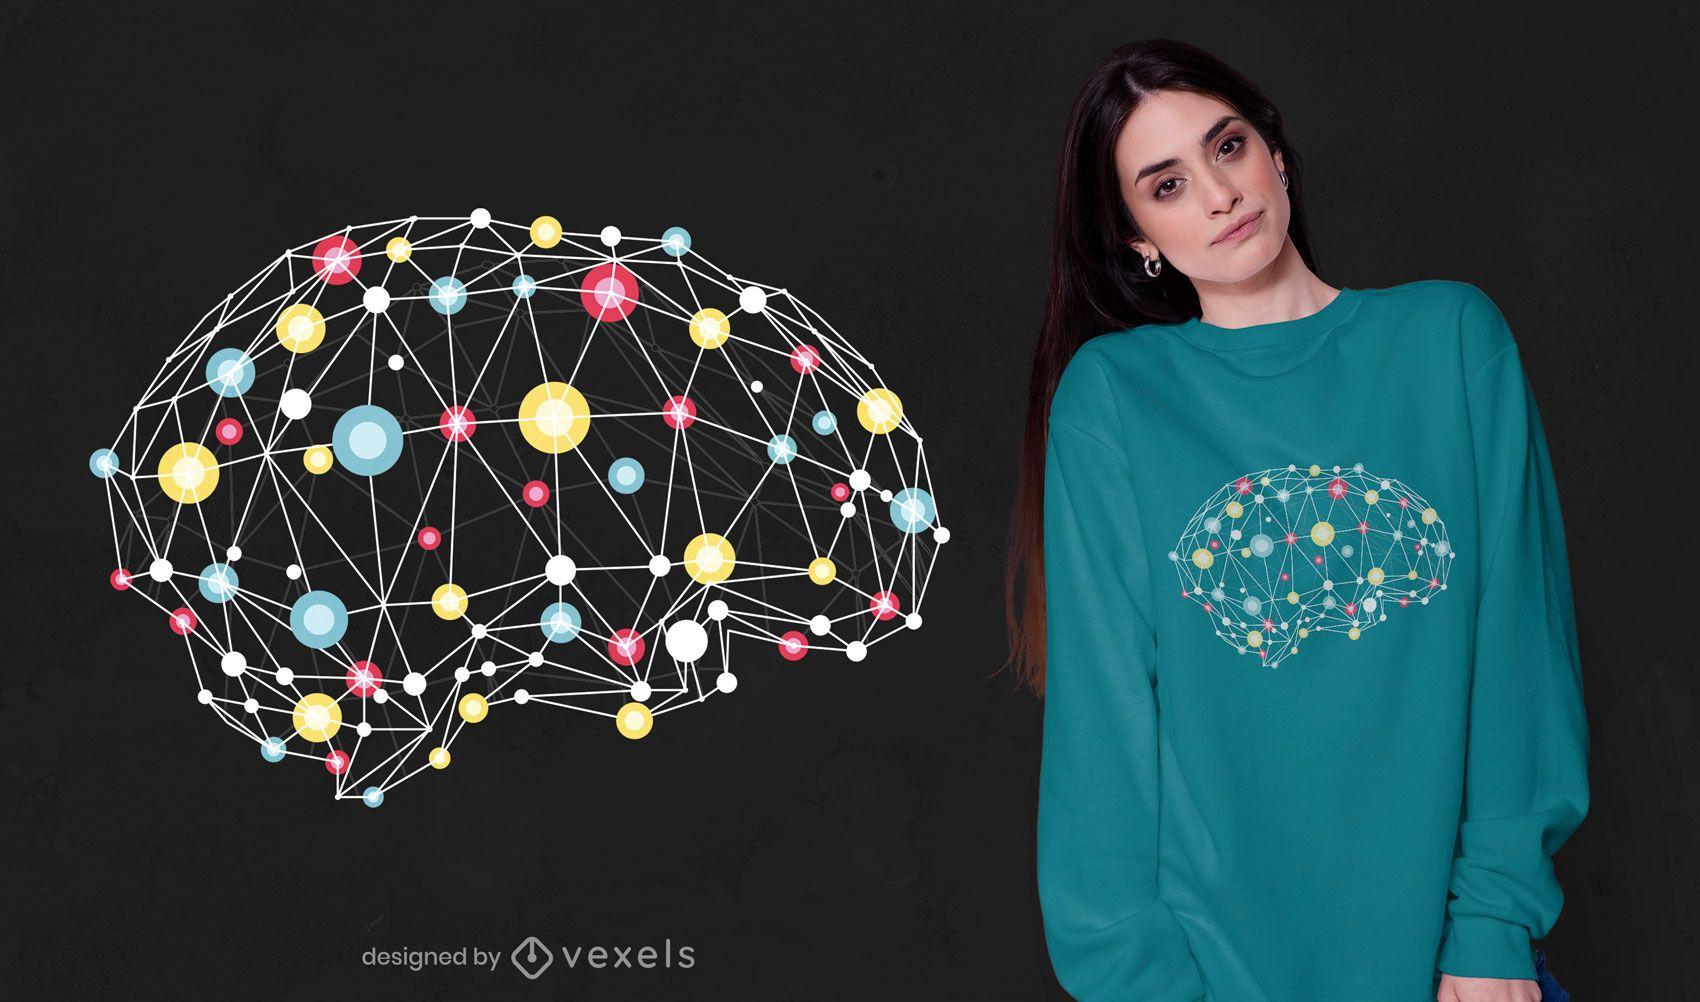 Diseño de camiseta de conexiones cerebrales.